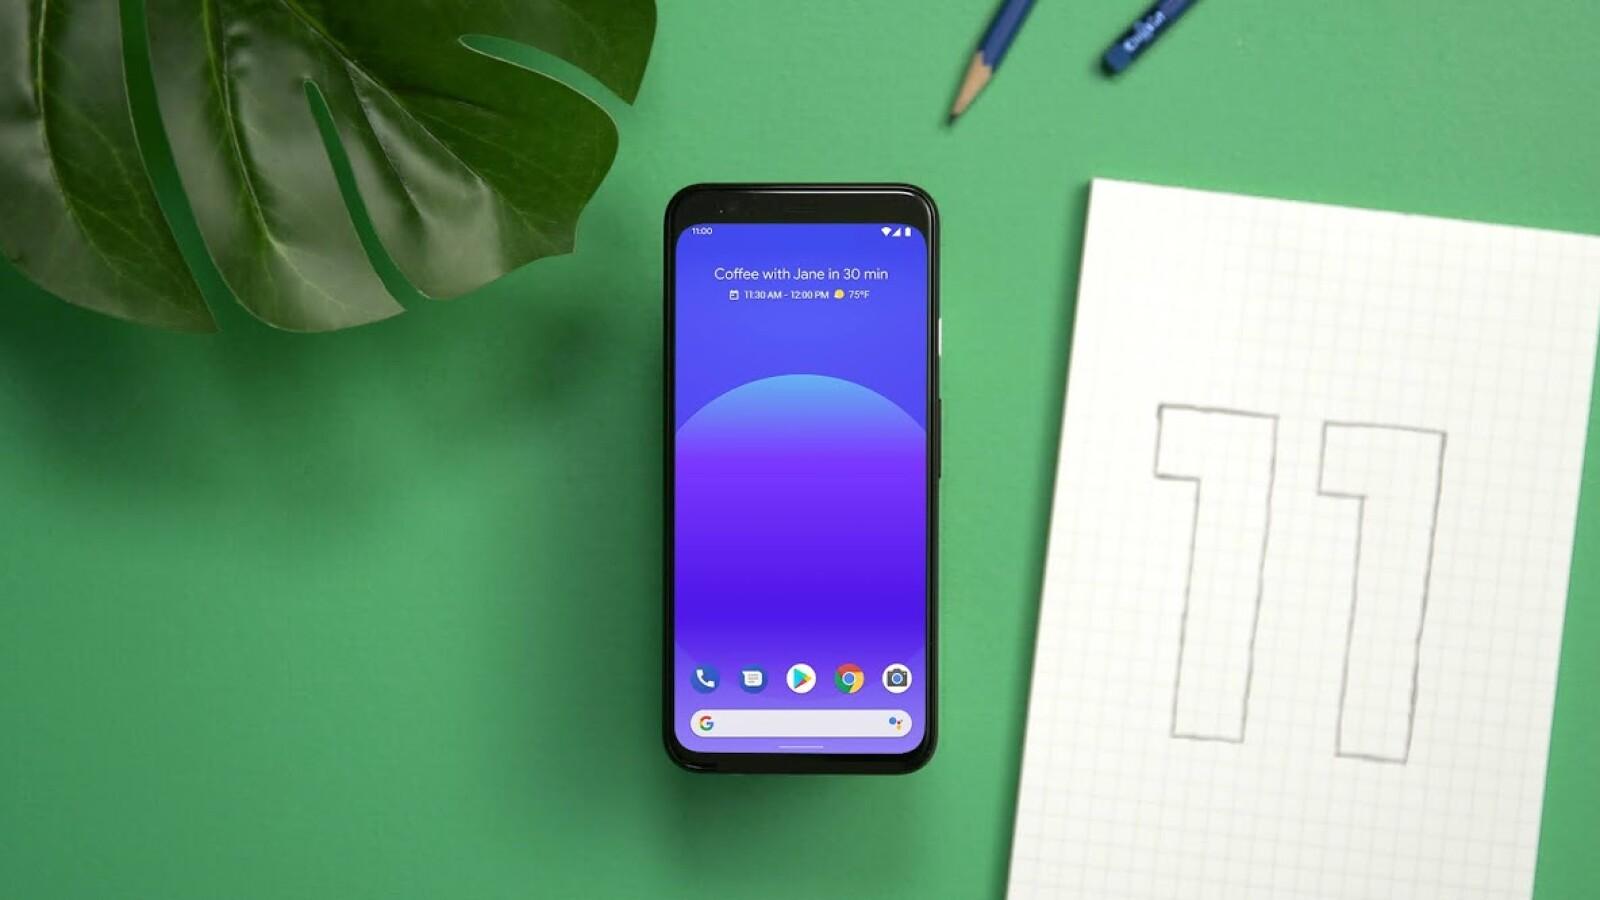 Android 11: Für diese Handys ist das Update verfügbar - NETZWELT